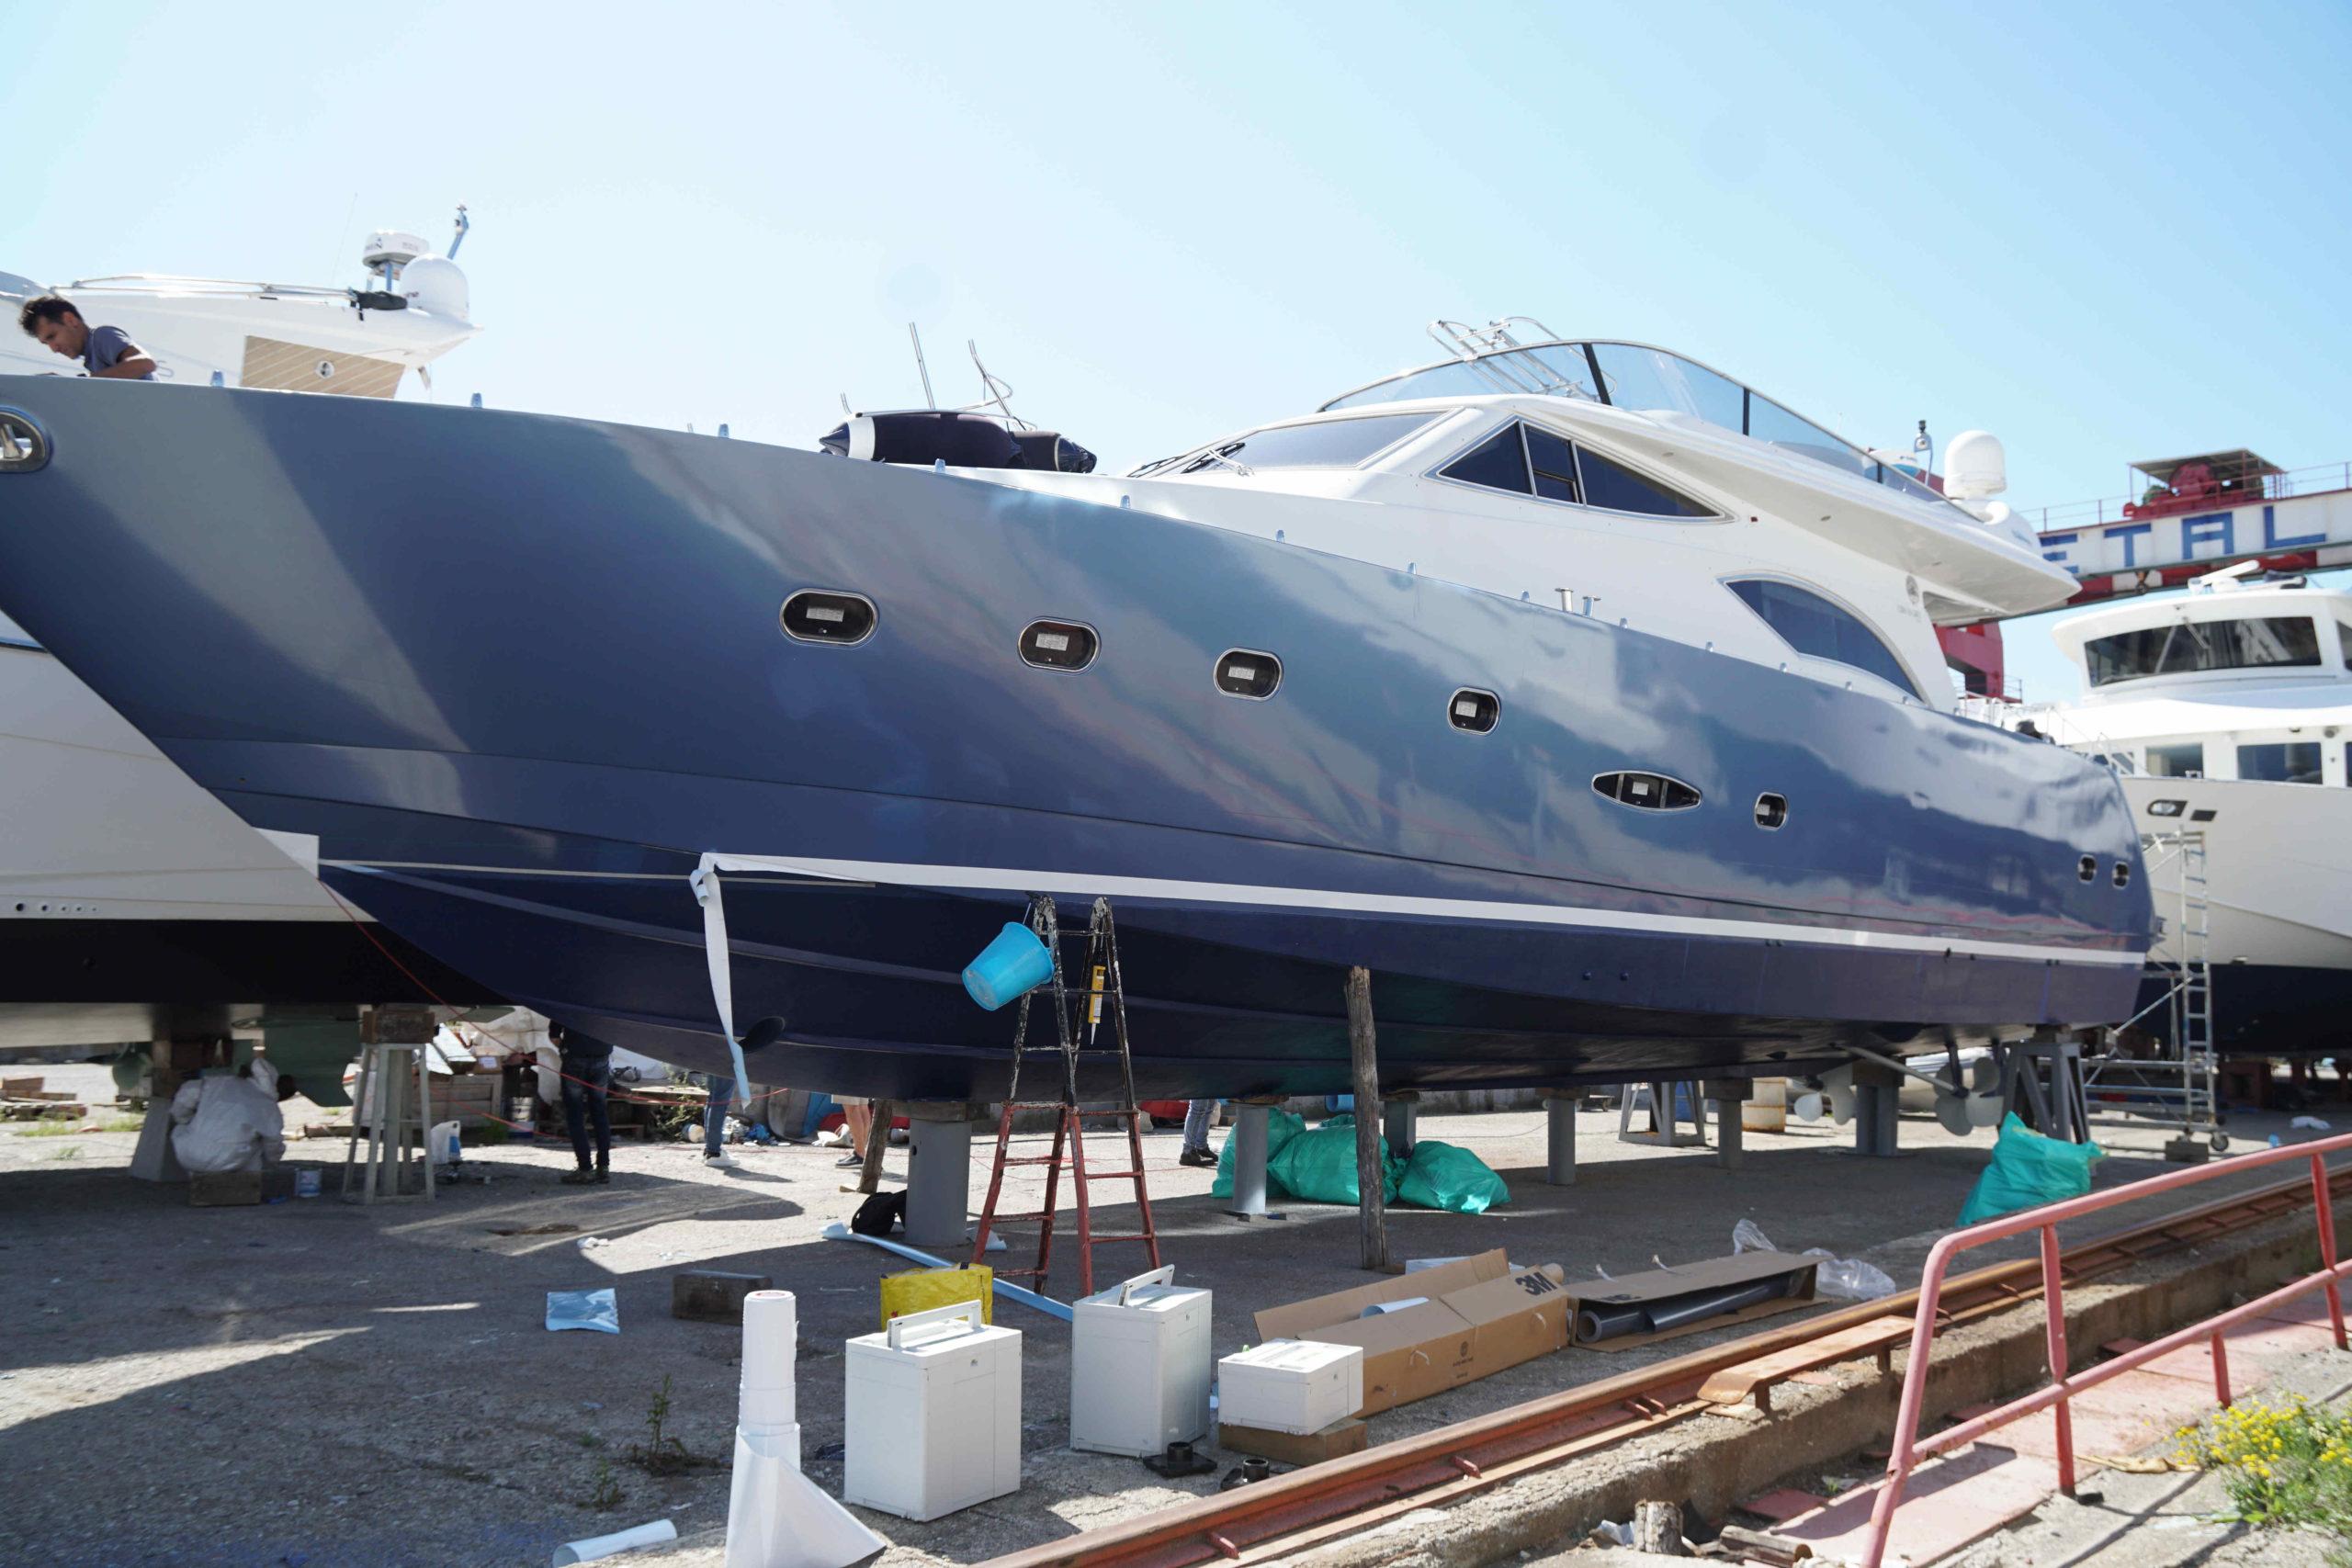 Imperia: Yacht Raffaelli Ontera 70 ft